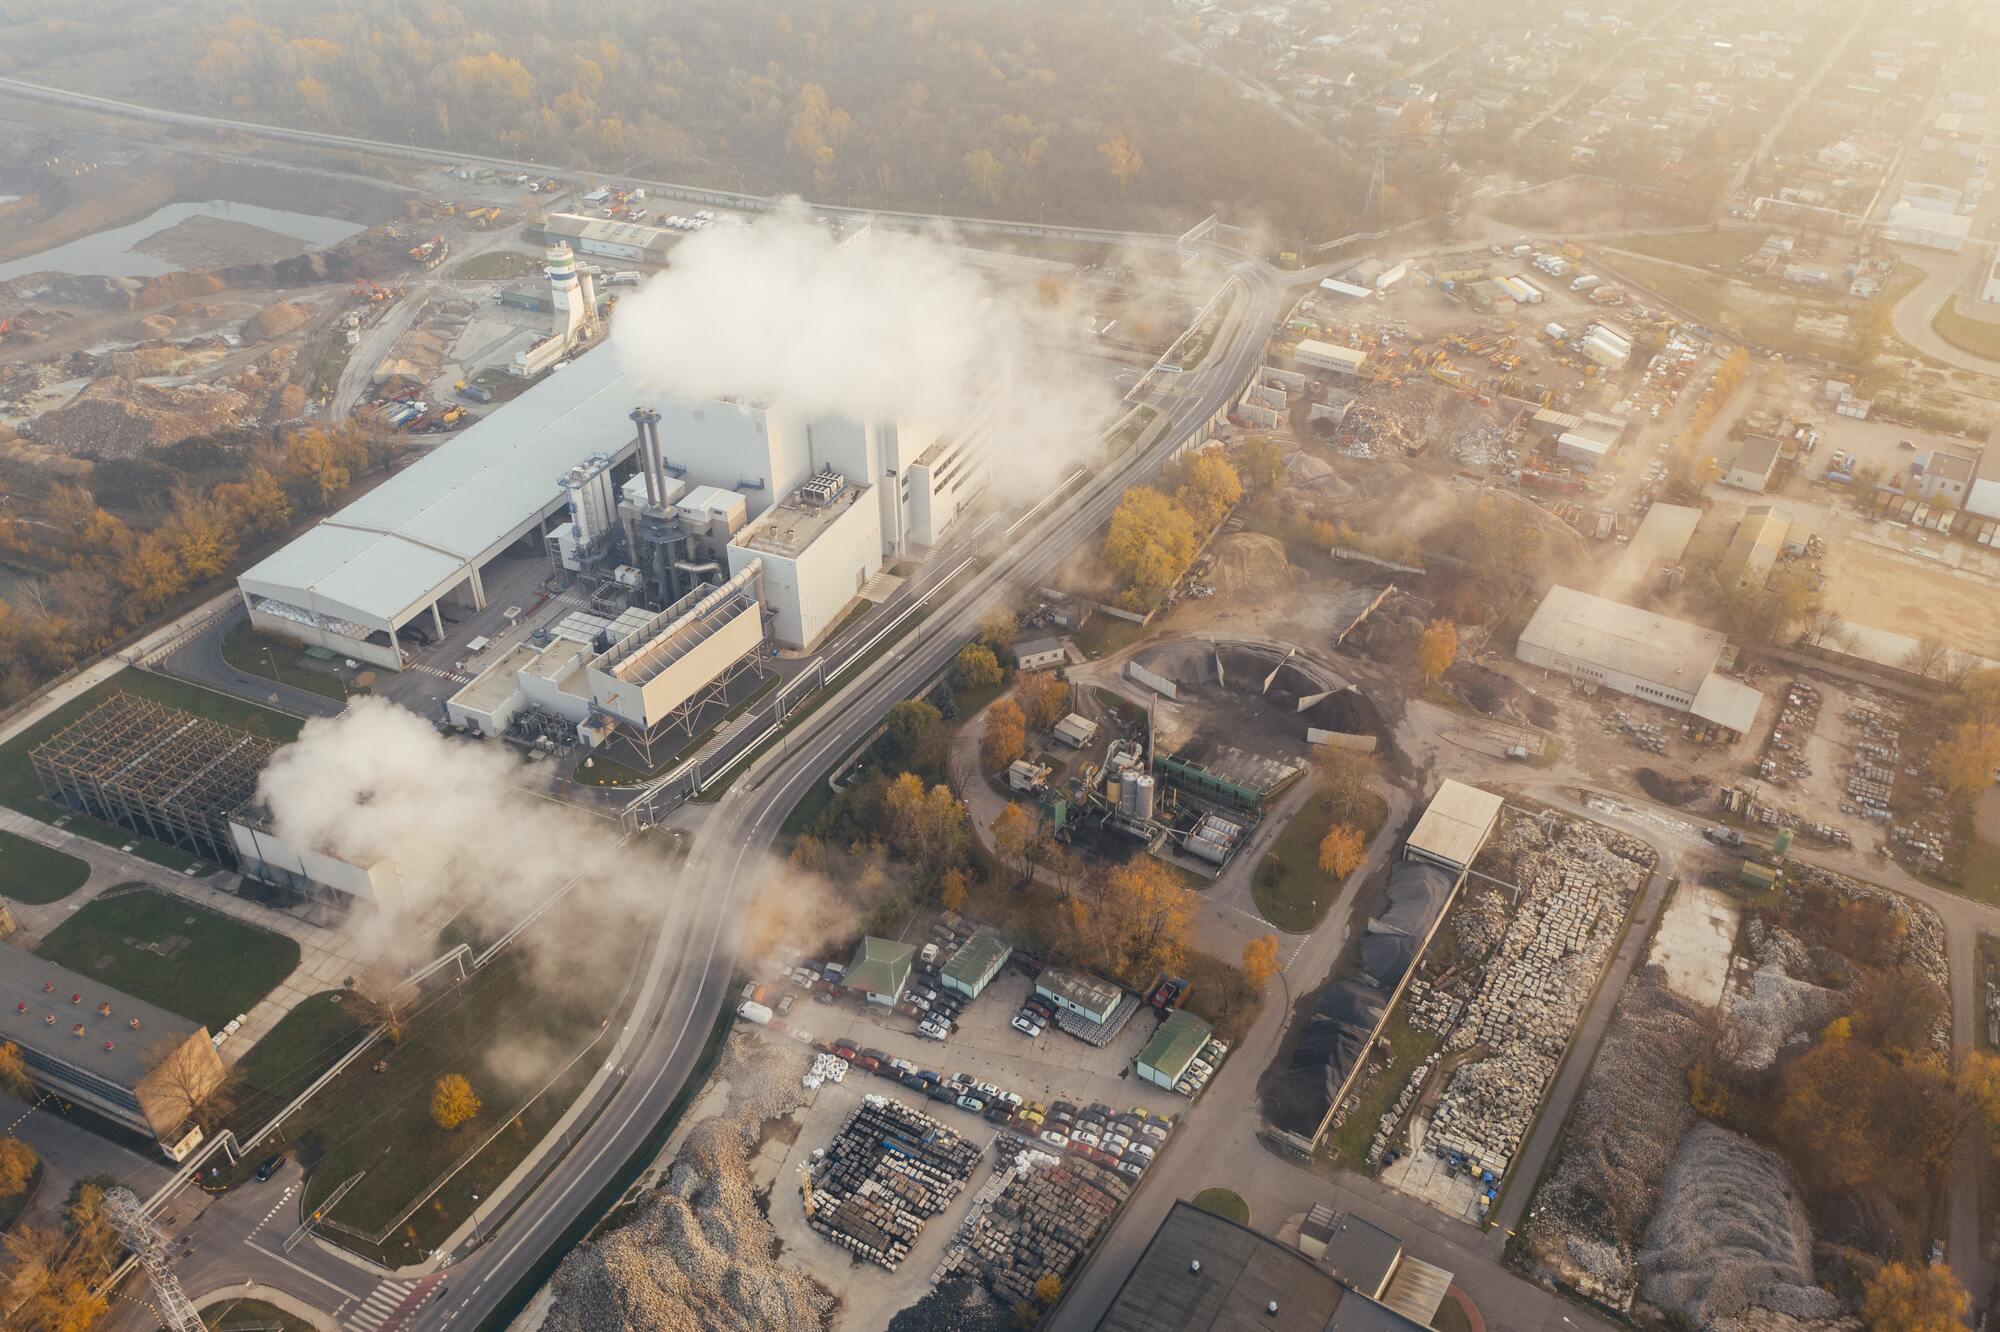 У зимовий час смог застилає Вроцлав, Краків, Варшаву та інші великі міста Польщі